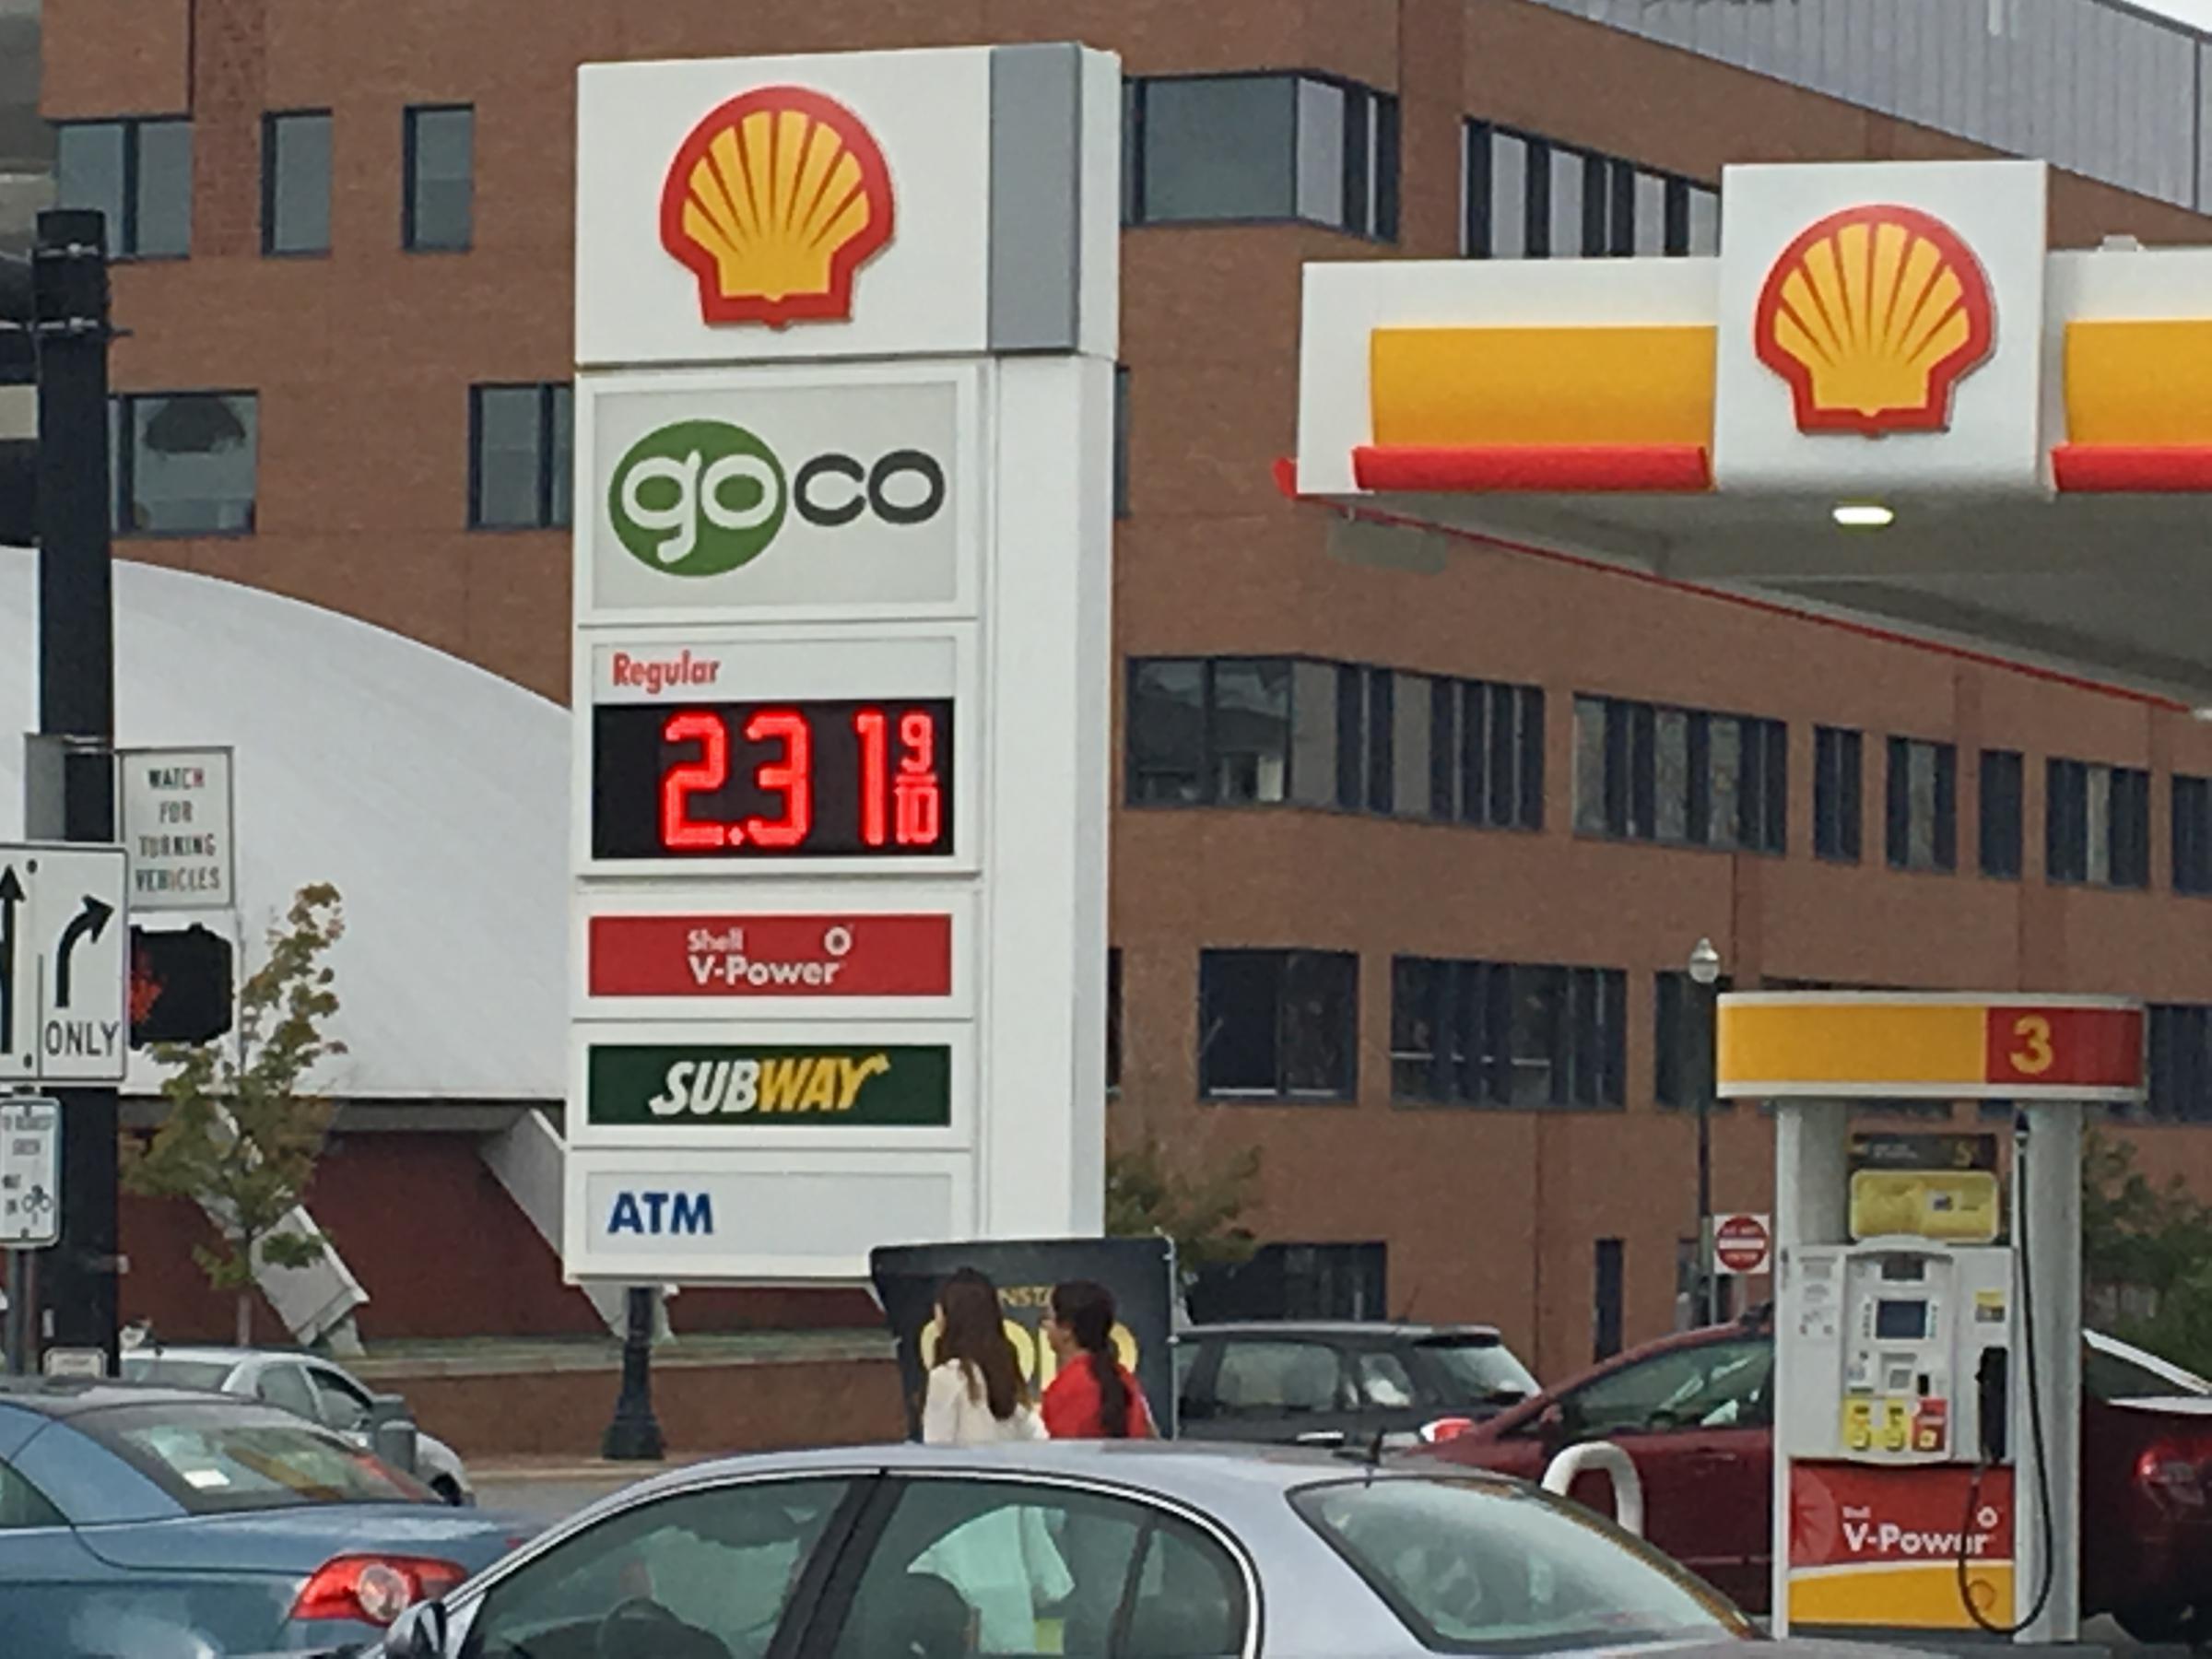 Oil prices soften as market assesses hurricane damage